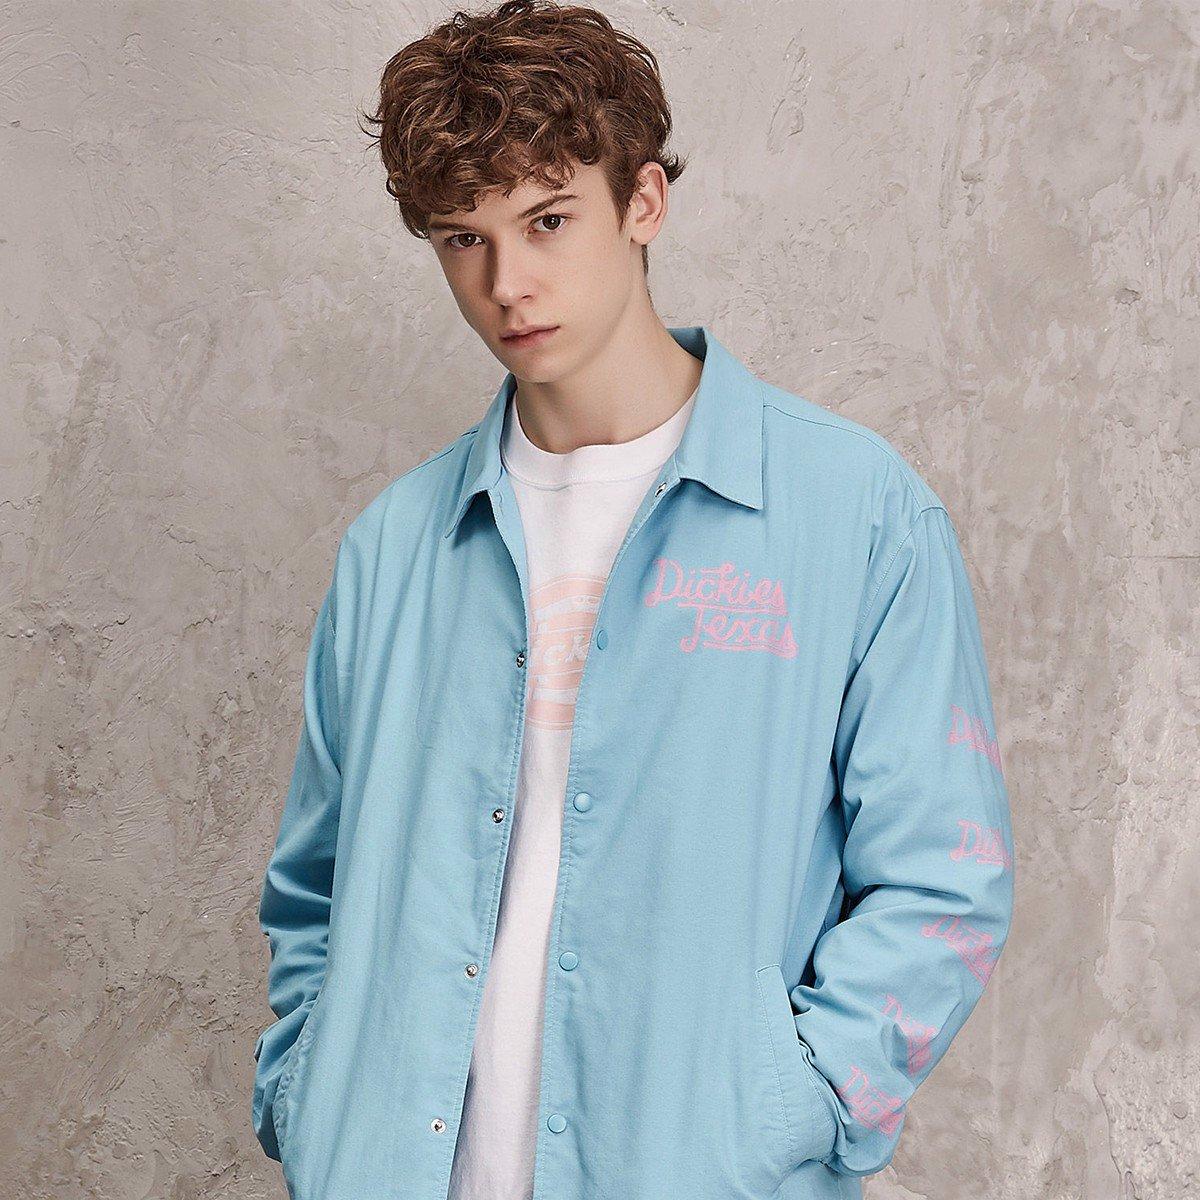 Áo khoác chữ dọc tay áo